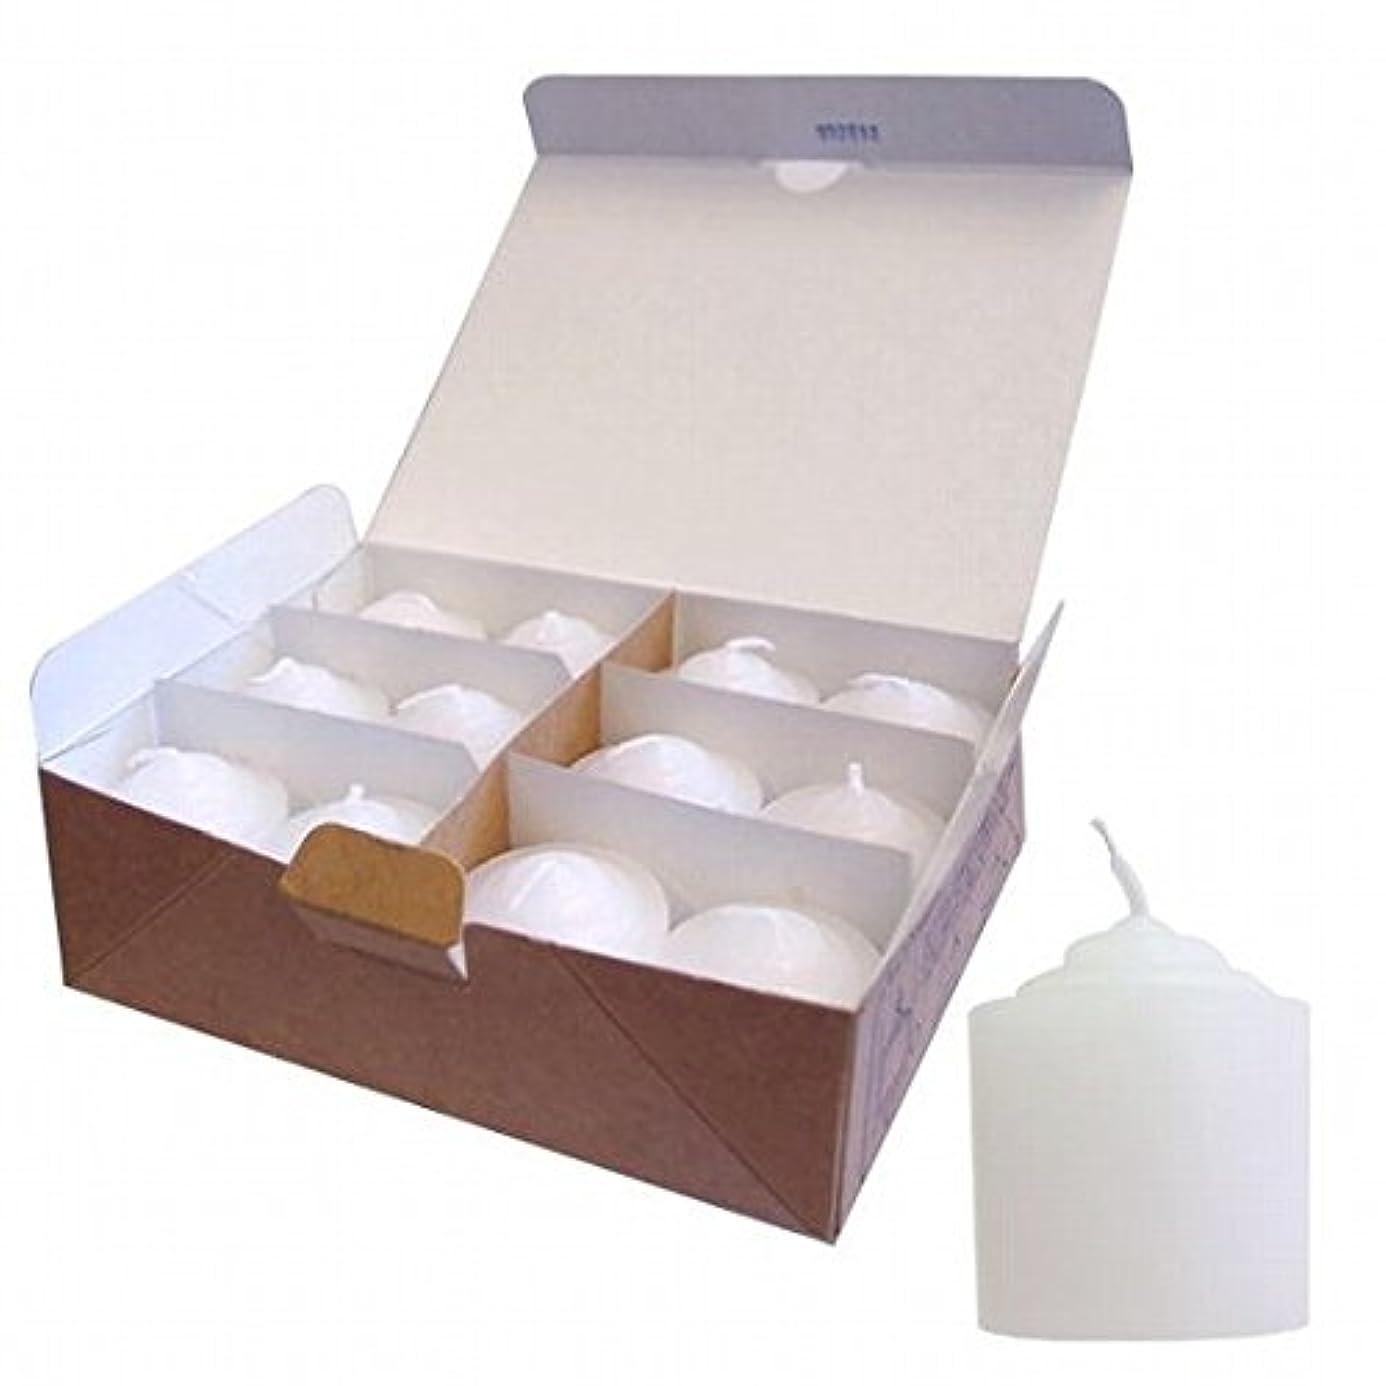 スナッチ納屋語kameyama candle(カメヤマキャンドル) 8Hライト(8時間タイプ)12個入り(77960088)